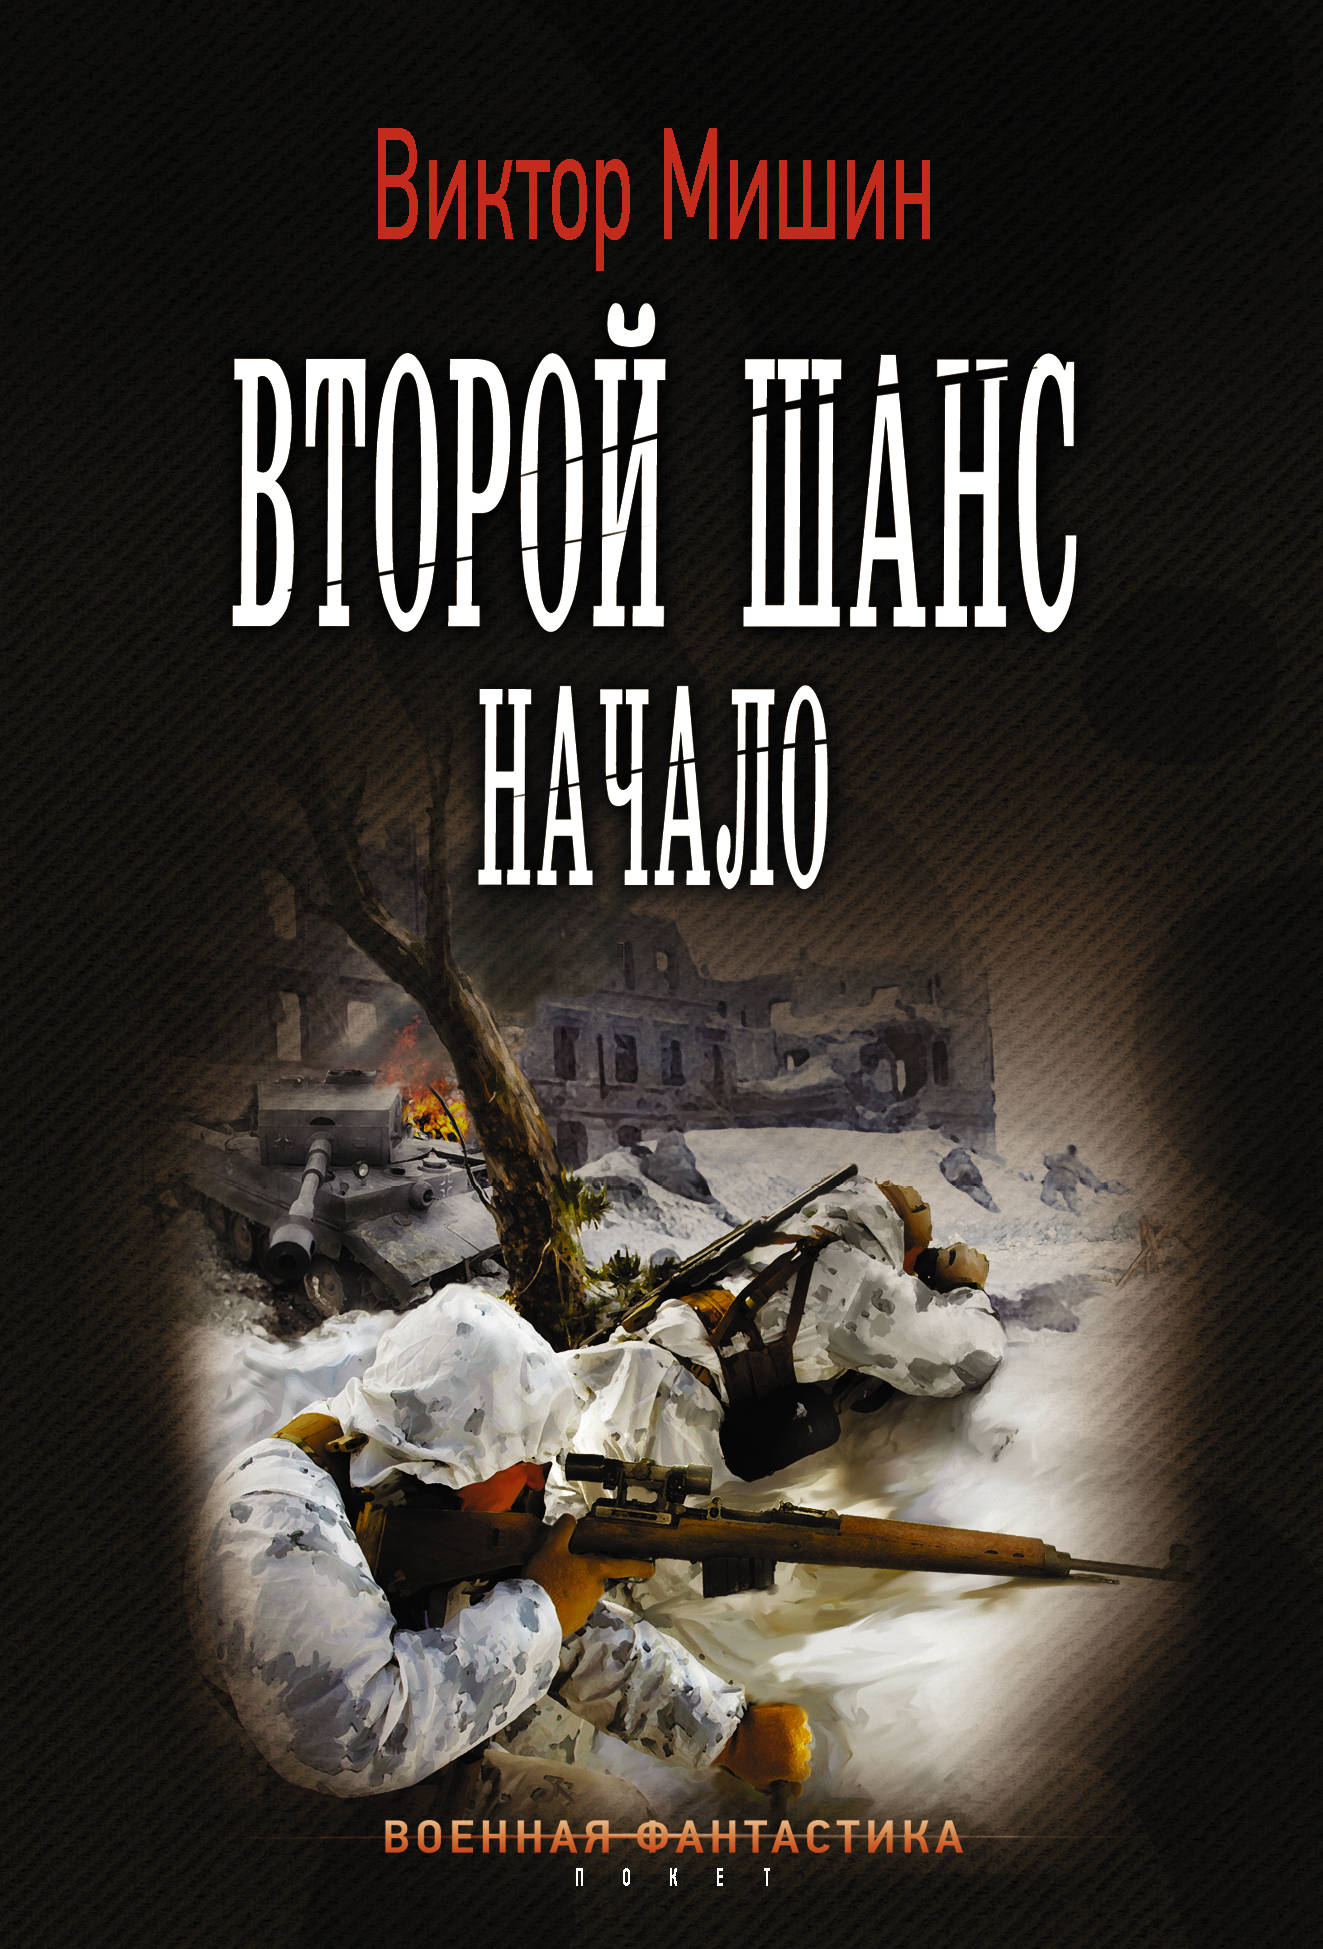 Мишин Виктор Второй шанс. Начало